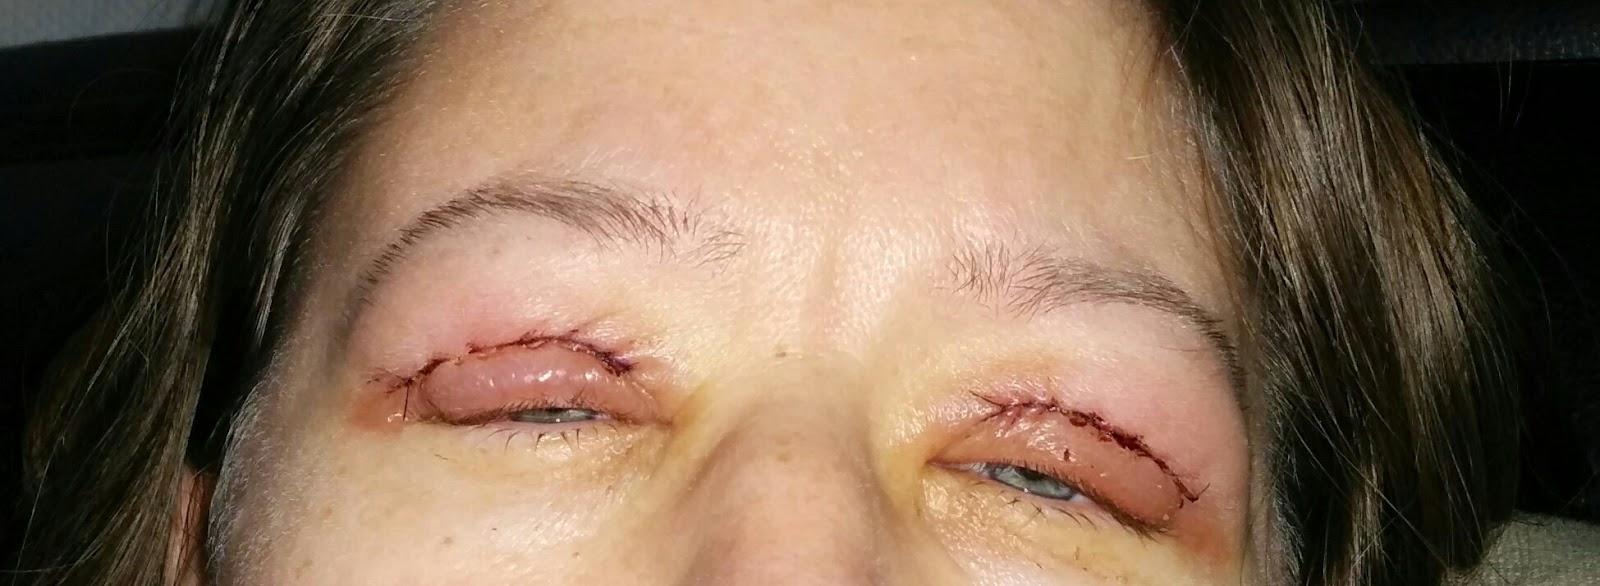 opereret øjenlåg